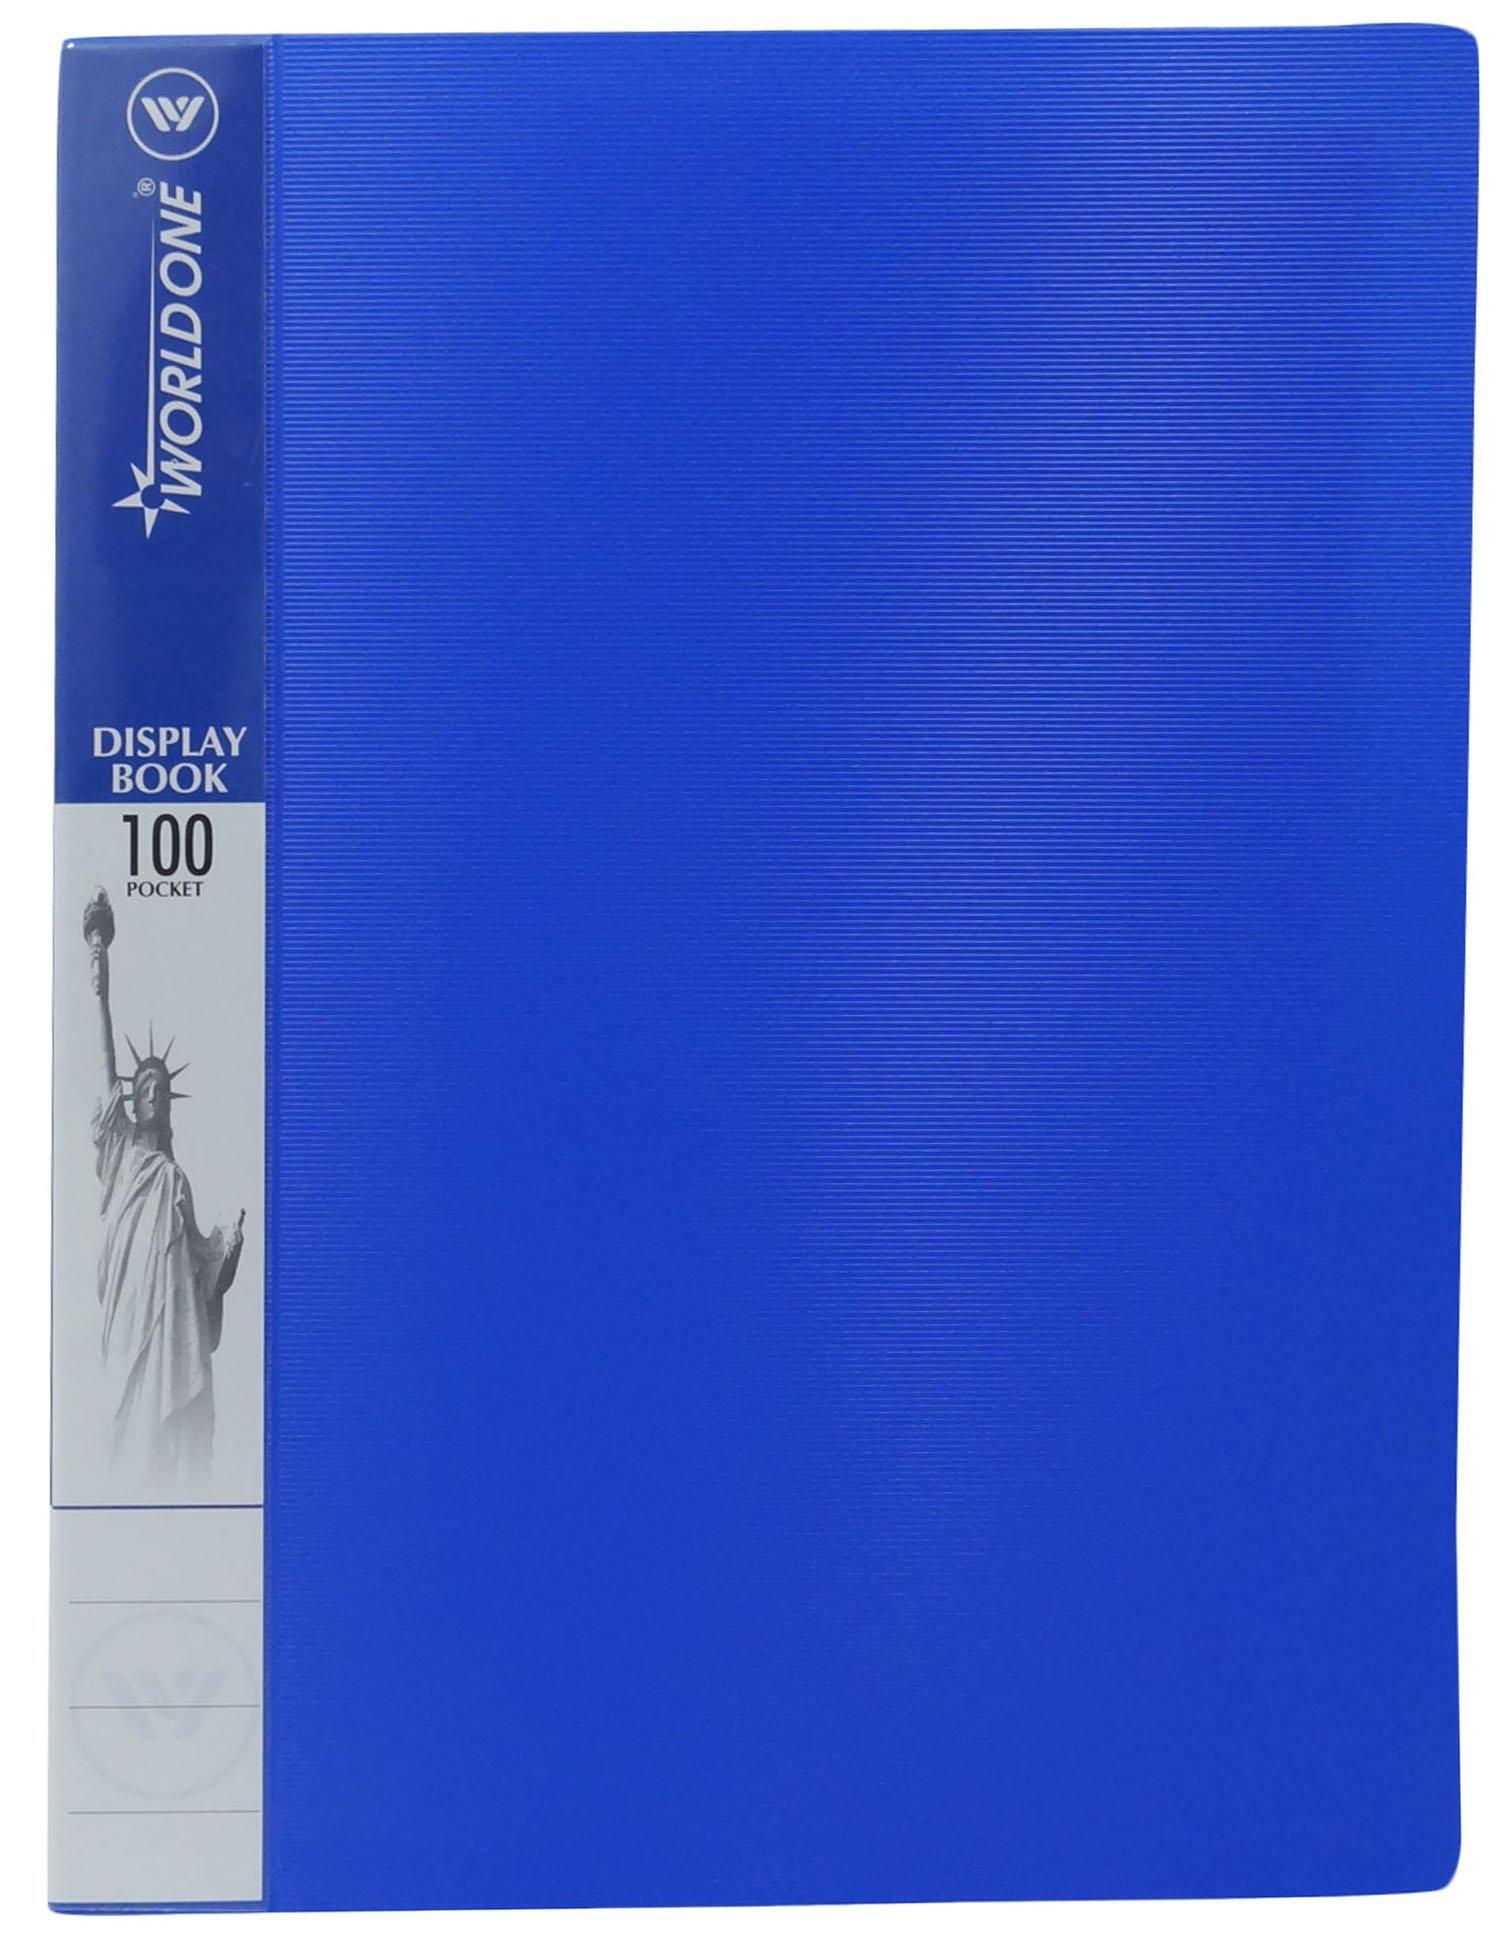 A4 100 Pocket Display Book Presentation Folder Paper Protector Premium Quality File Folder Pack Of 10